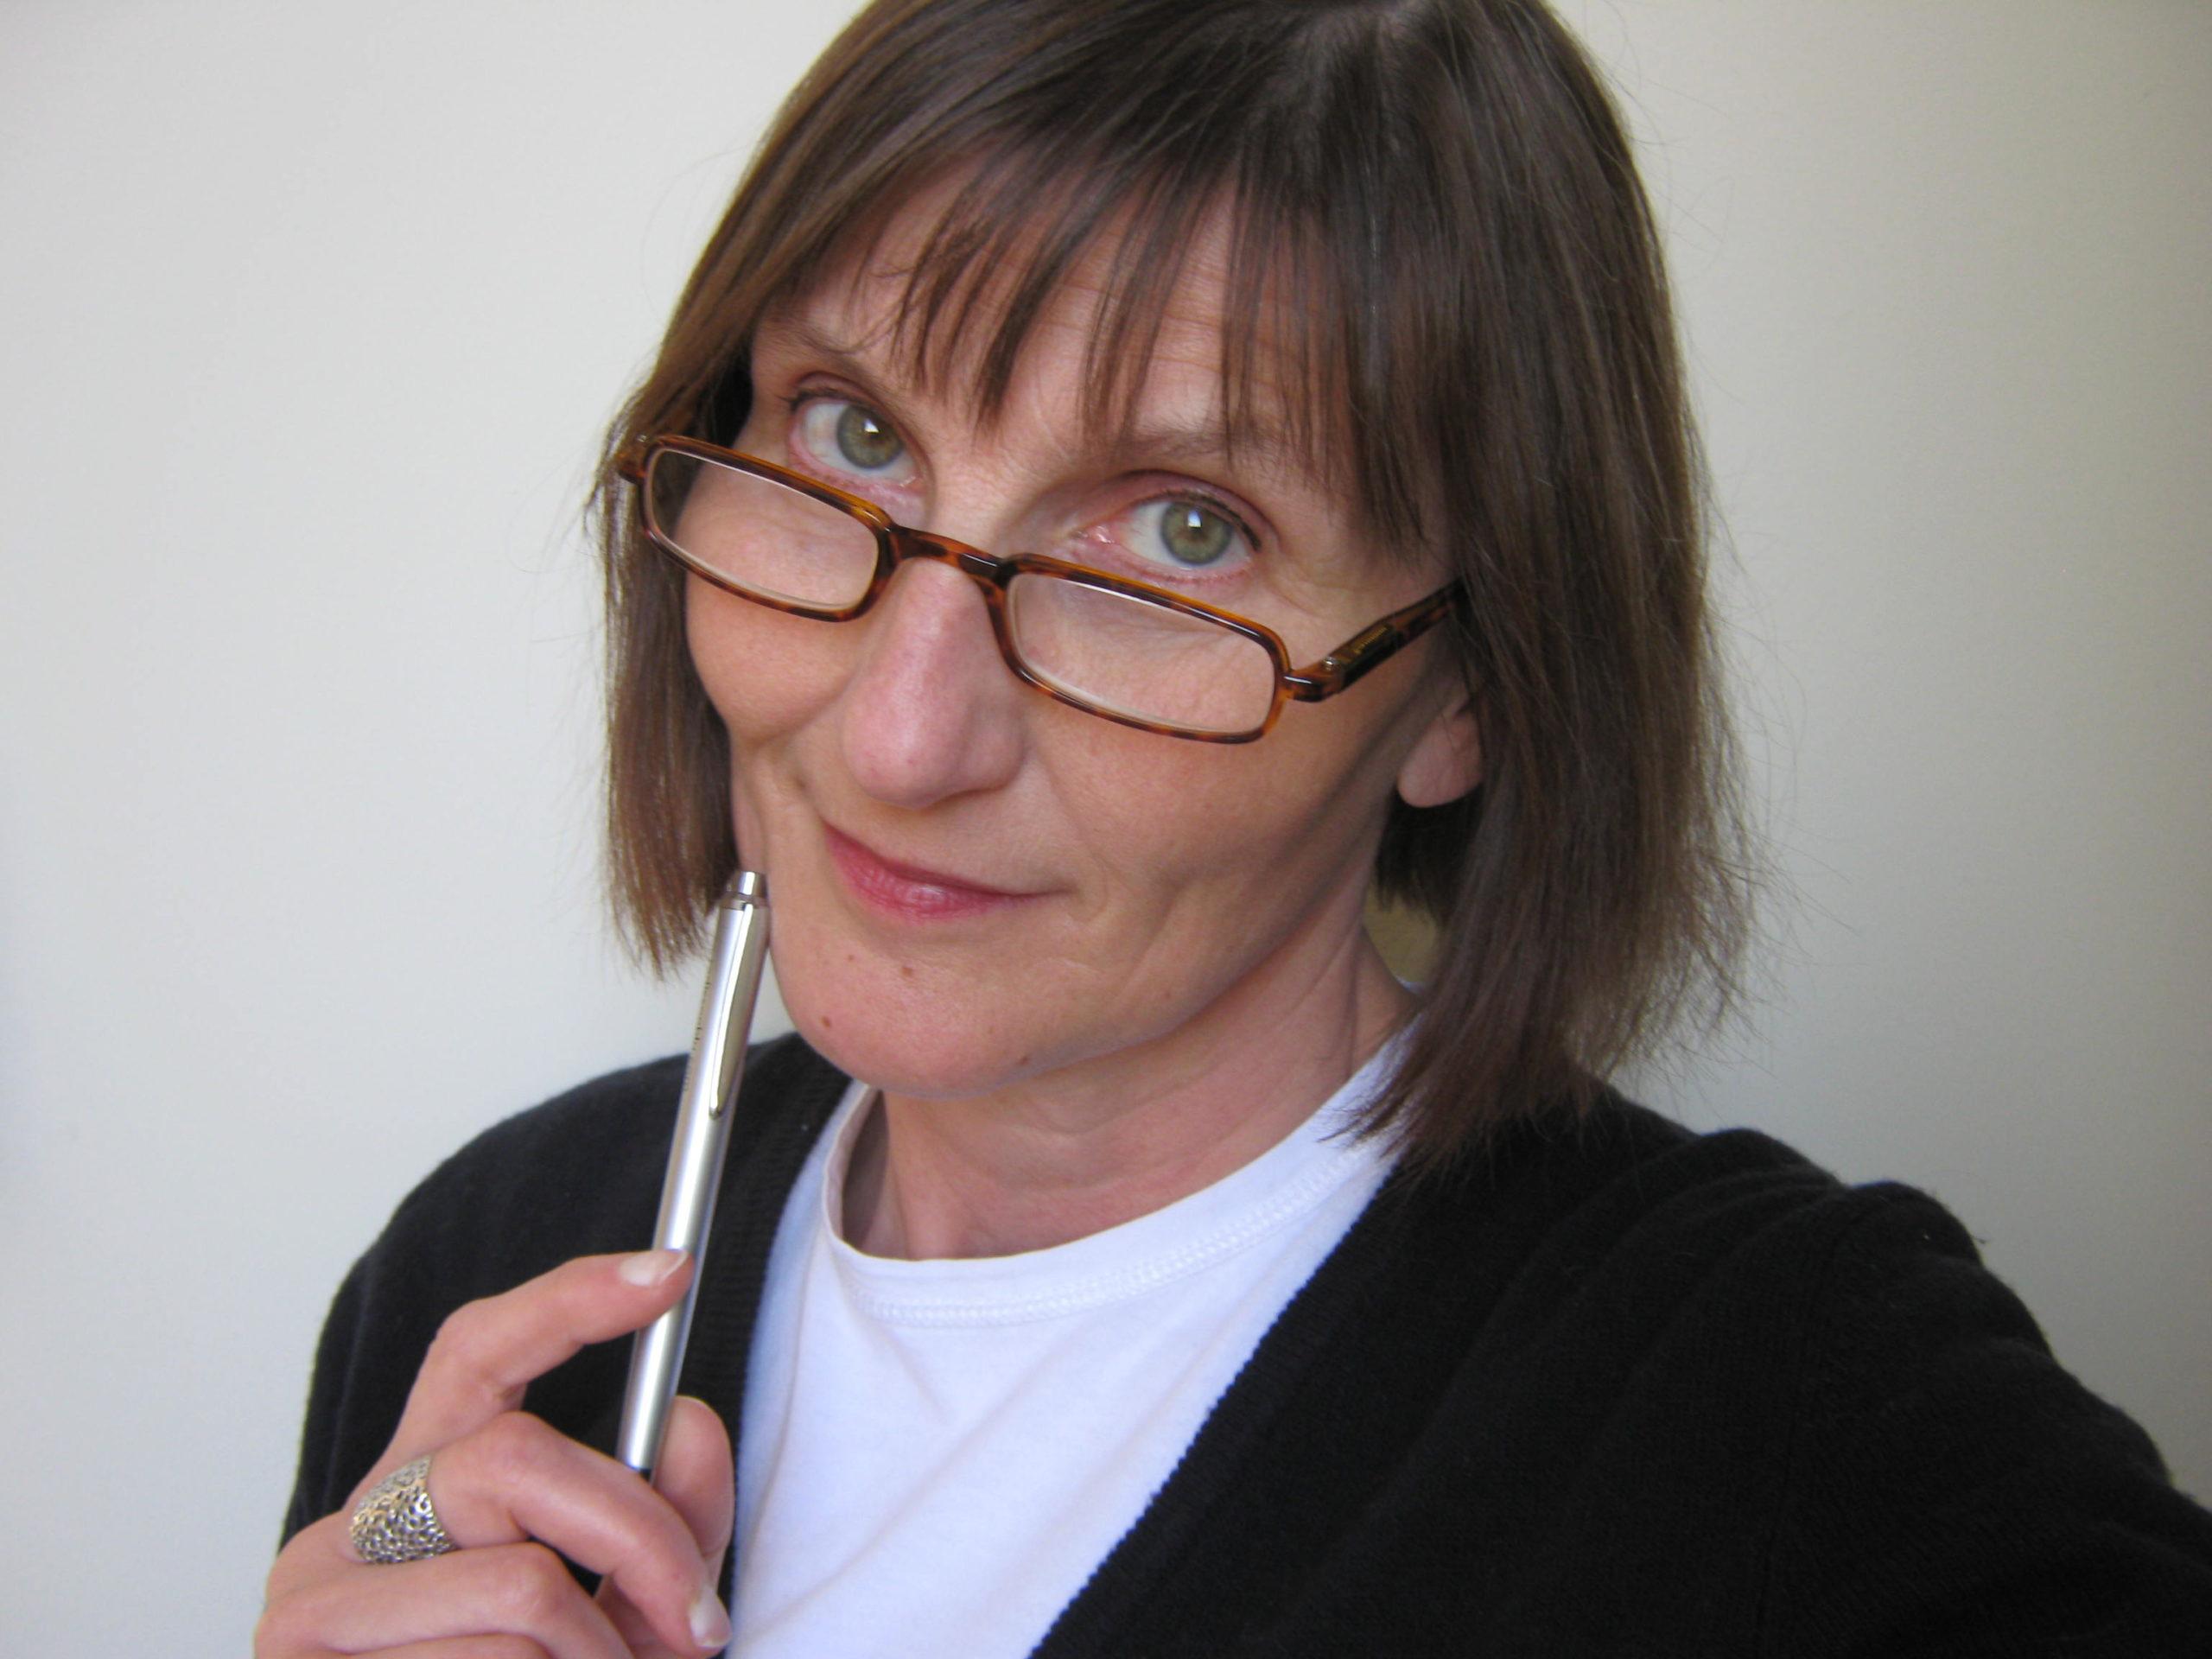 Dr. Marleen Verbeeck